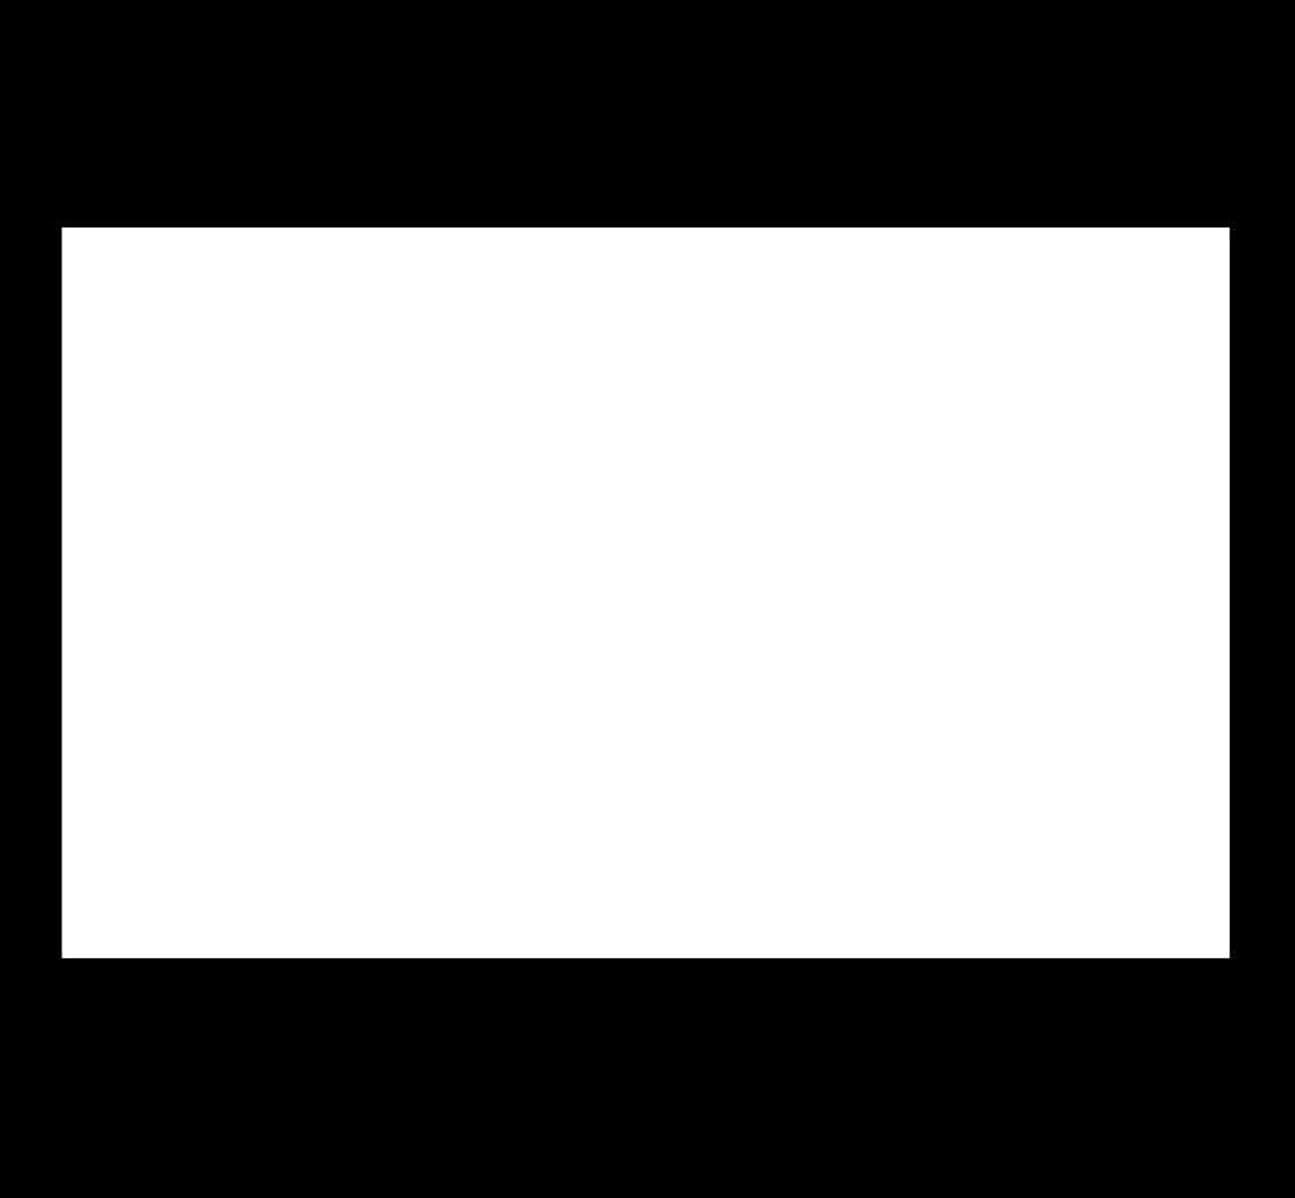 腐食する高揚した図YONIK フェイスペーパー フェイスシート フェイスカバー フェイス枕シート 顔枕カバー 十字カット 不織布 使い捨て 業務用 (無孔50x70cm 100枚)